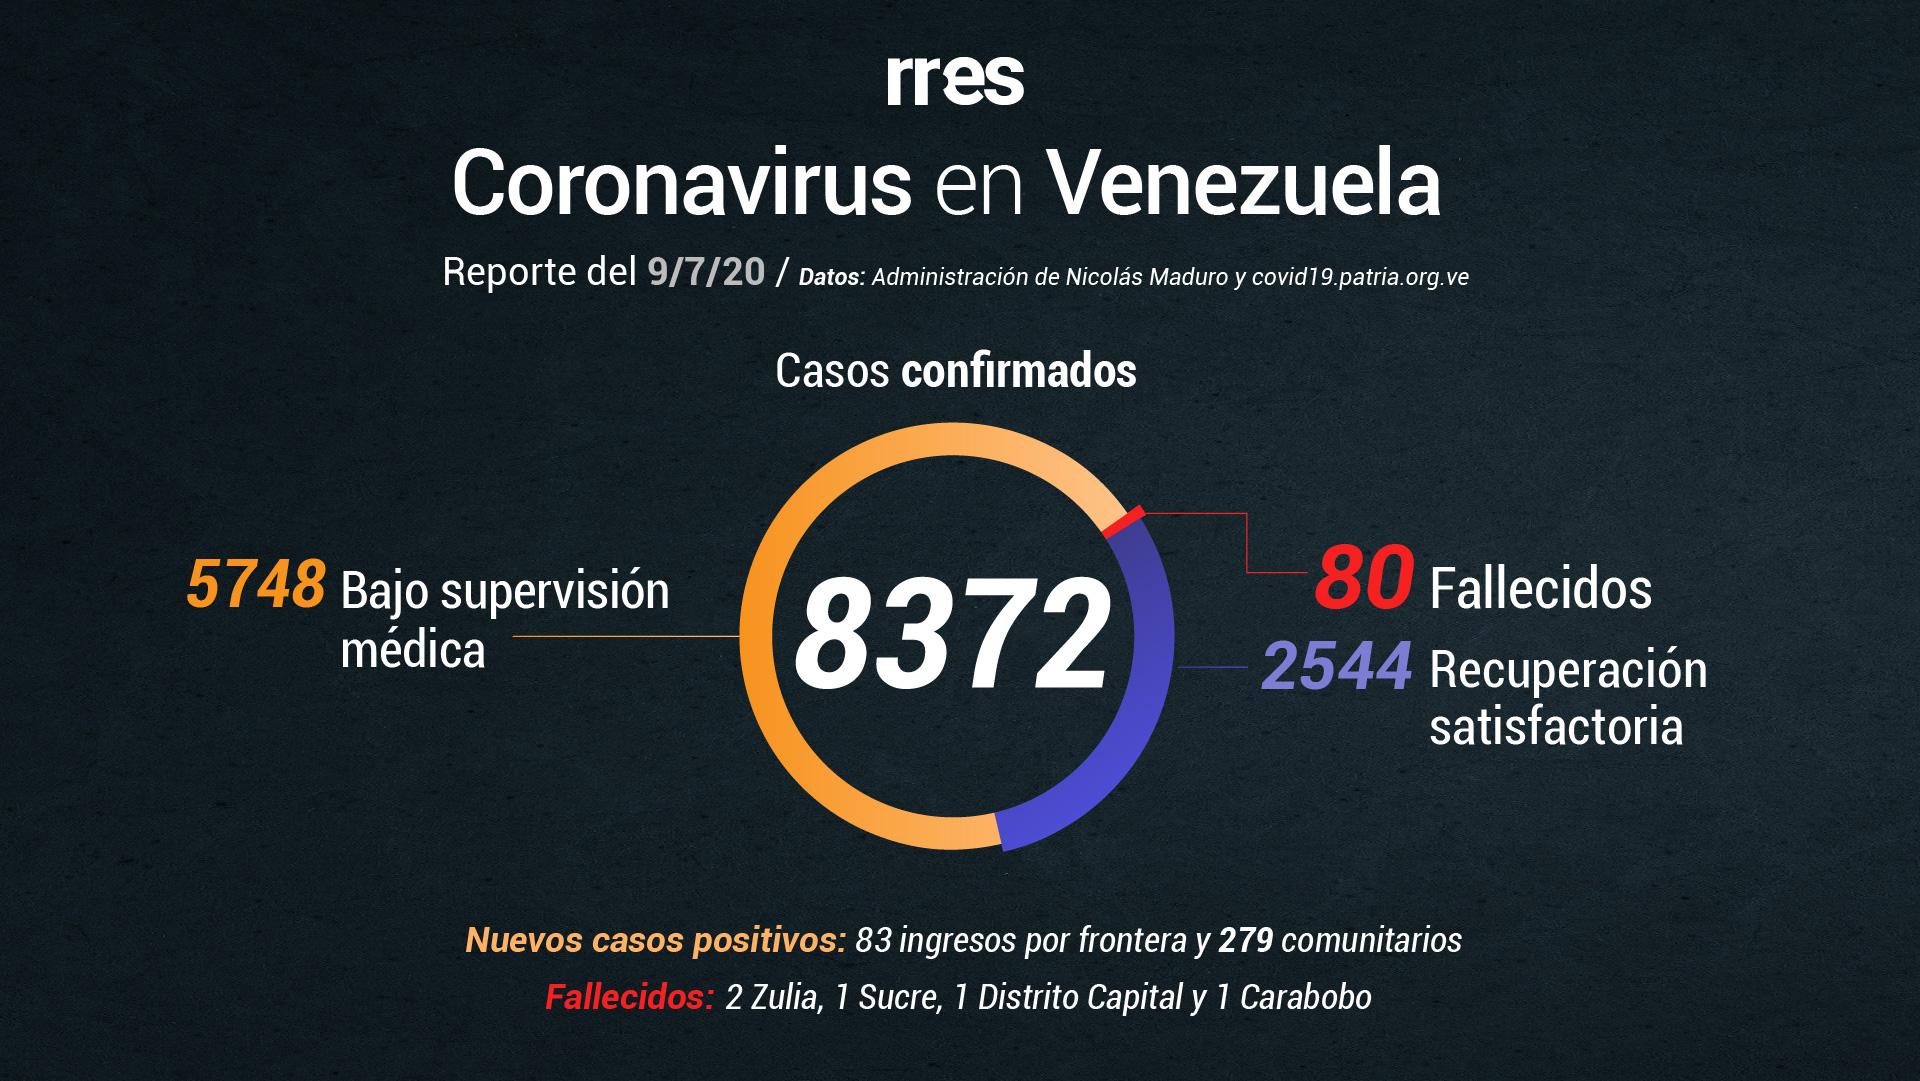 Venezuela marca récord de fallecidos y de contagios por COVID-19 este #9Jul